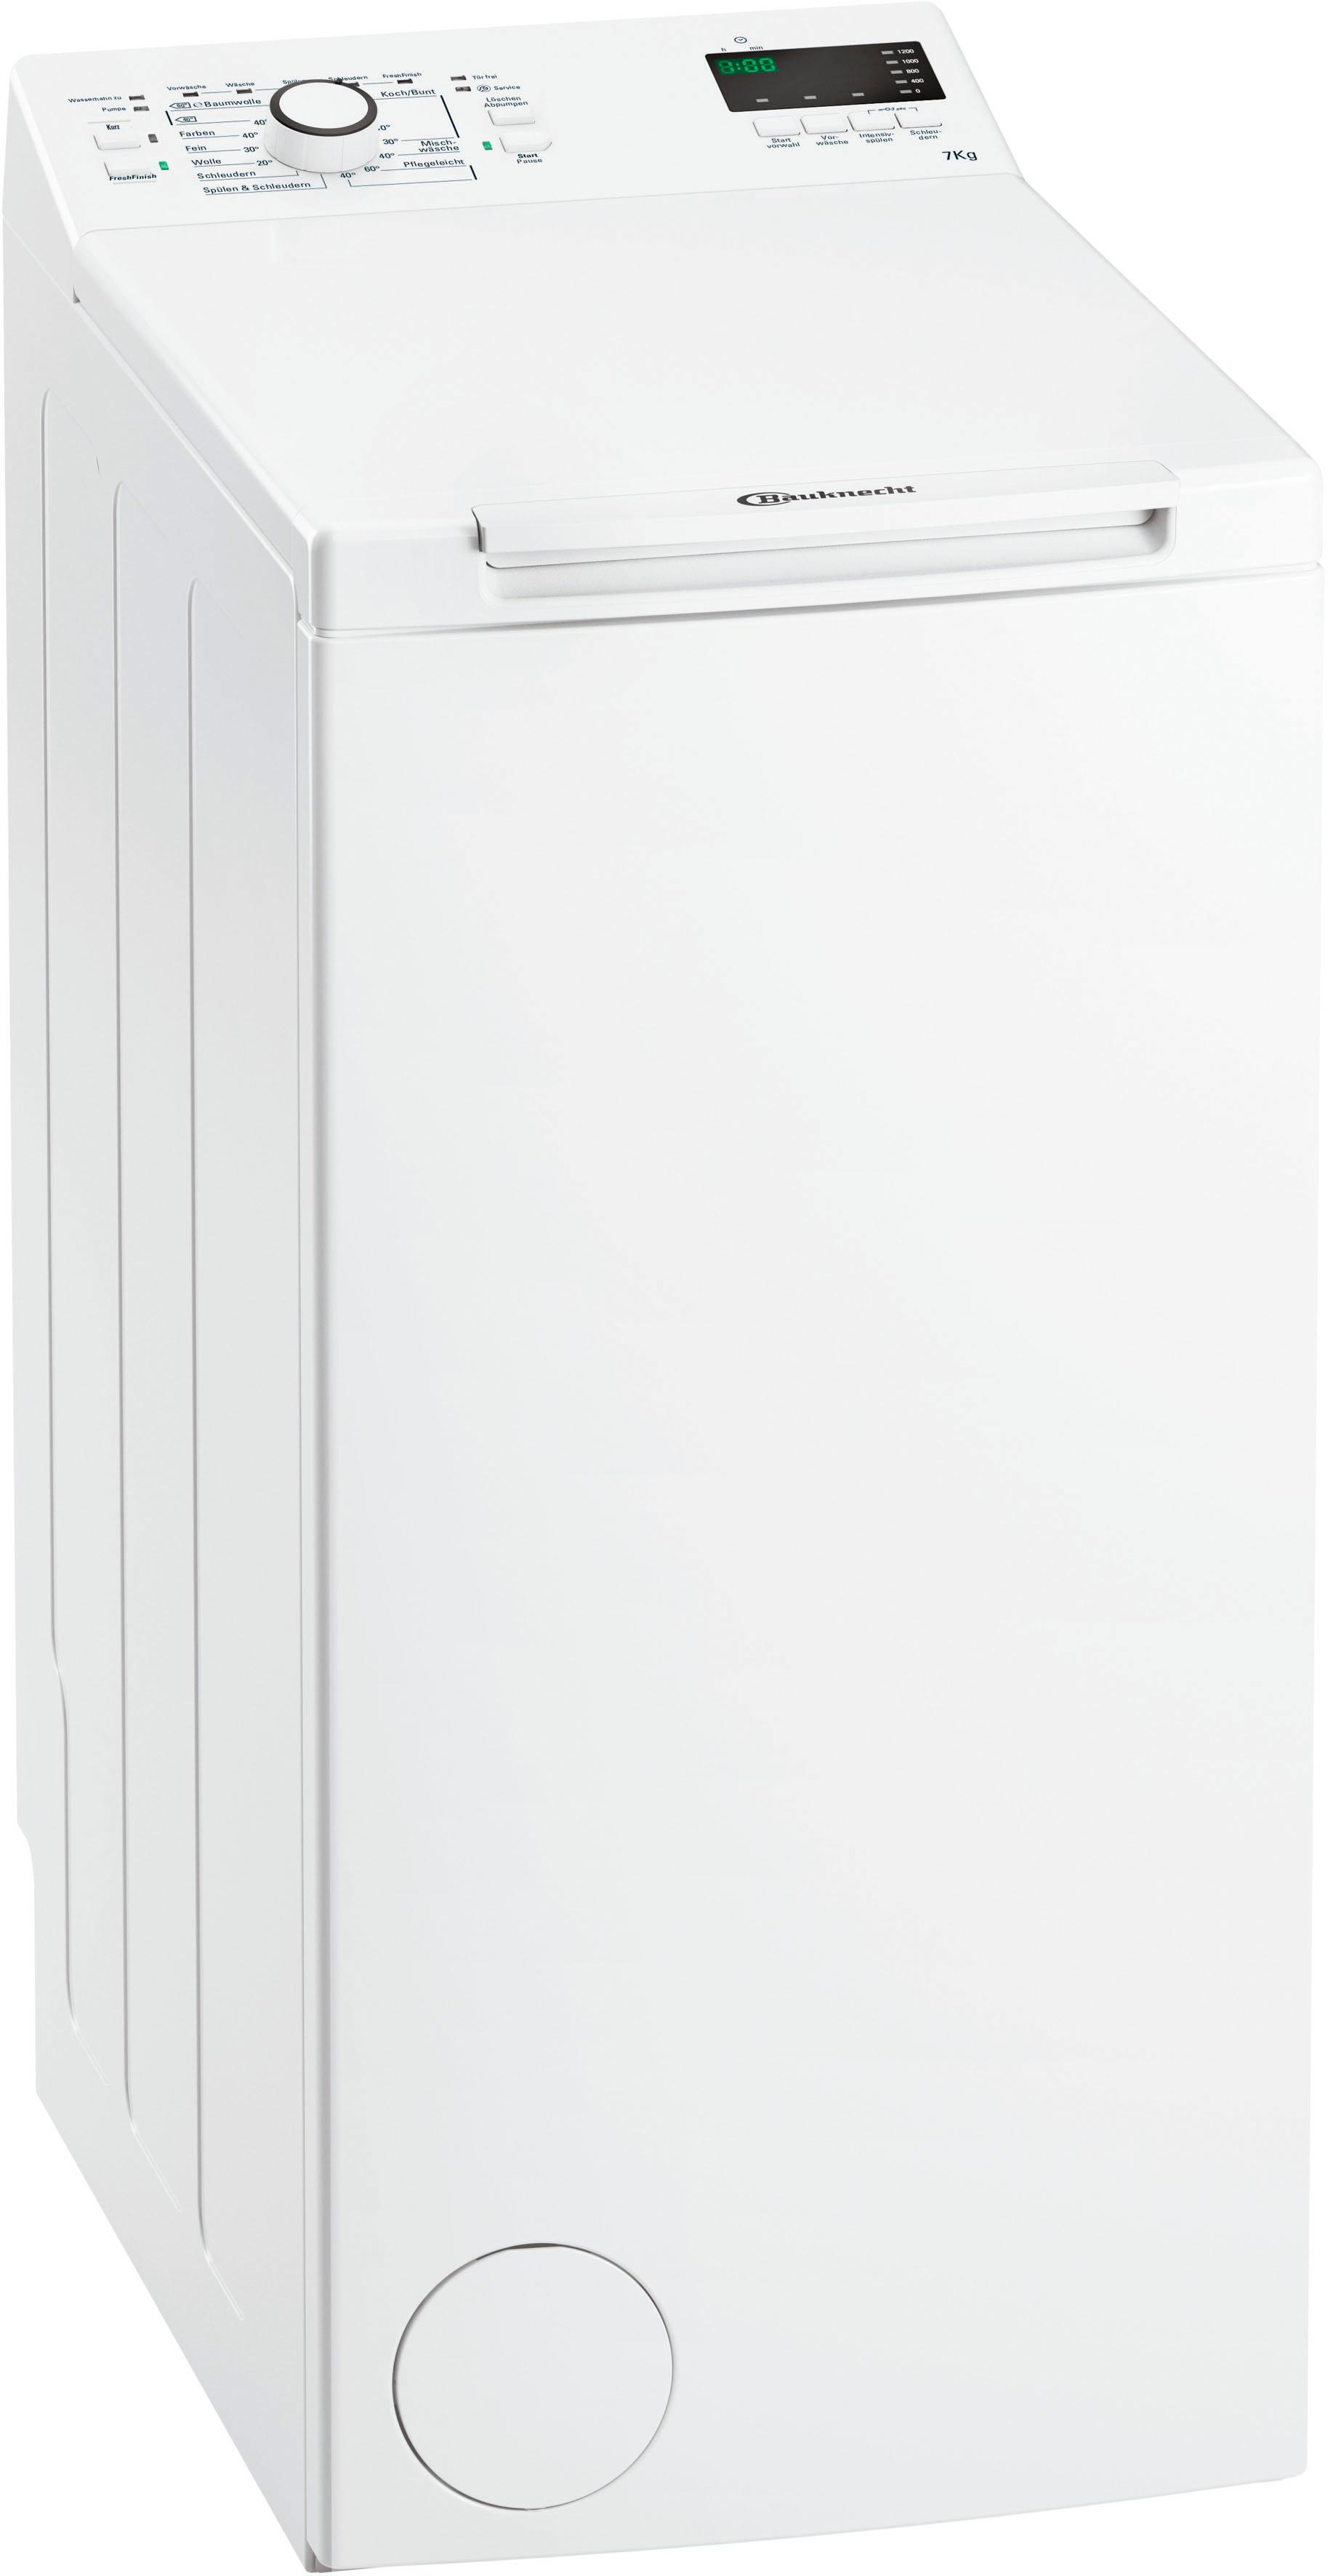 BAUKNECHT Waschmaschine Toplader WMT EcoStar 732 Di | Bad > Waschmaschinen und Trockner > Toplader | Bauknecht